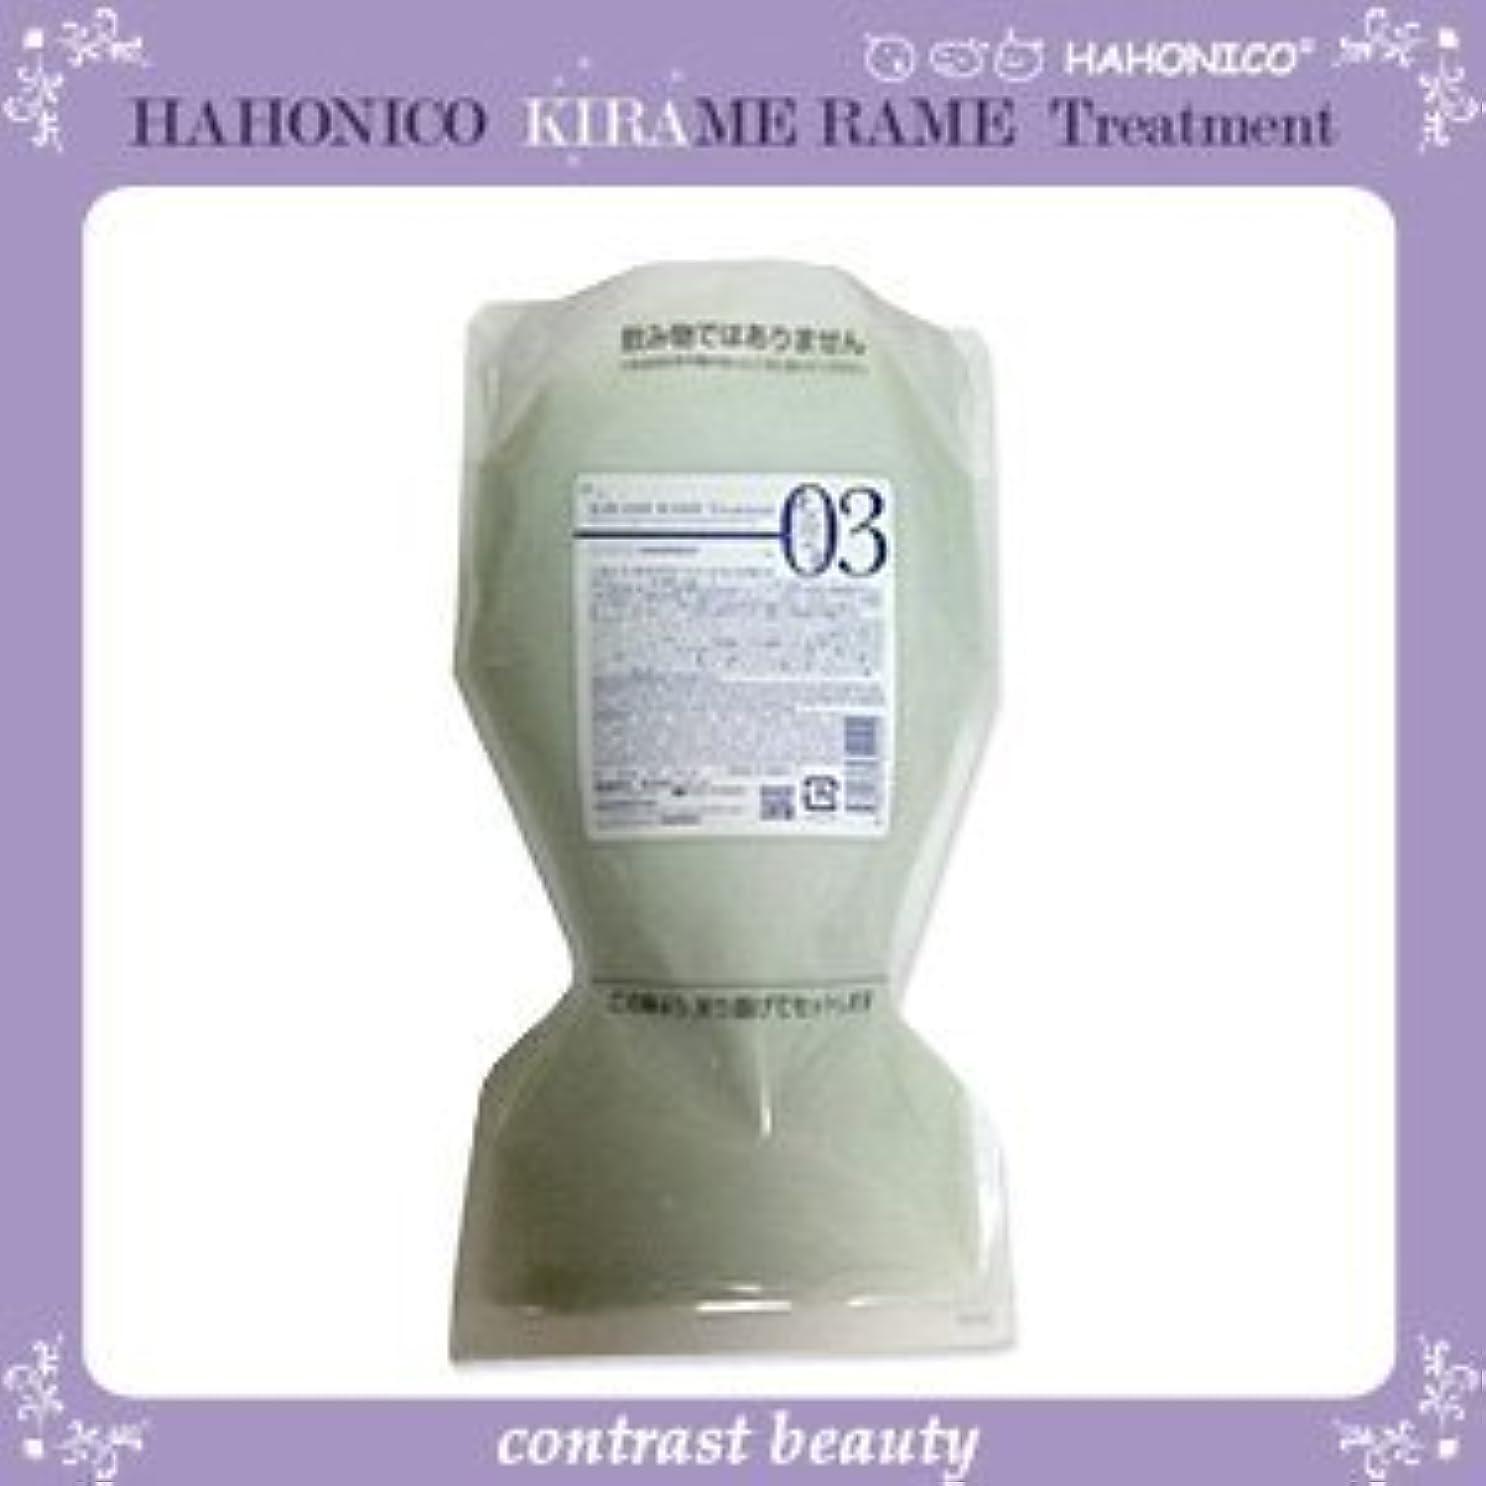 慈善入場料コウモリハホニコ キラメラメ トリートメントNo.3 500g(詰め替え) KIRAME RAME HAHONICO